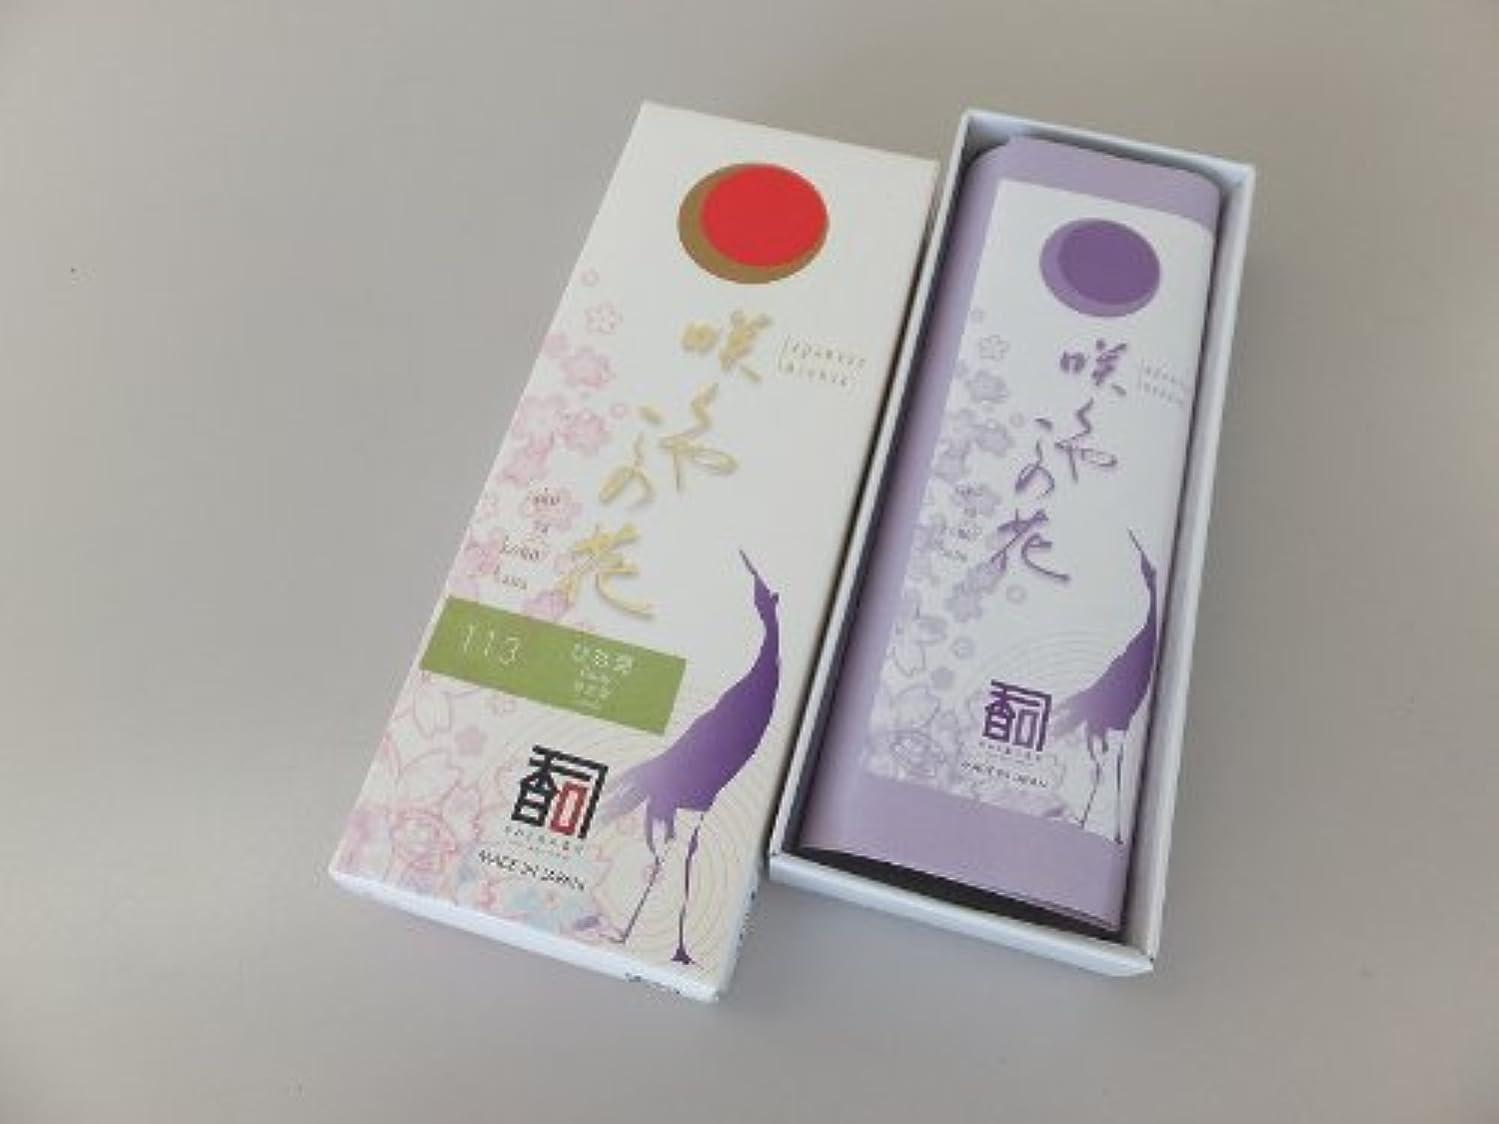 苛性目覚めるネックレス「あわじ島の香司」 日本の香りシリーズ  [咲くや この花] 【113】 ひな菊 (有煙)